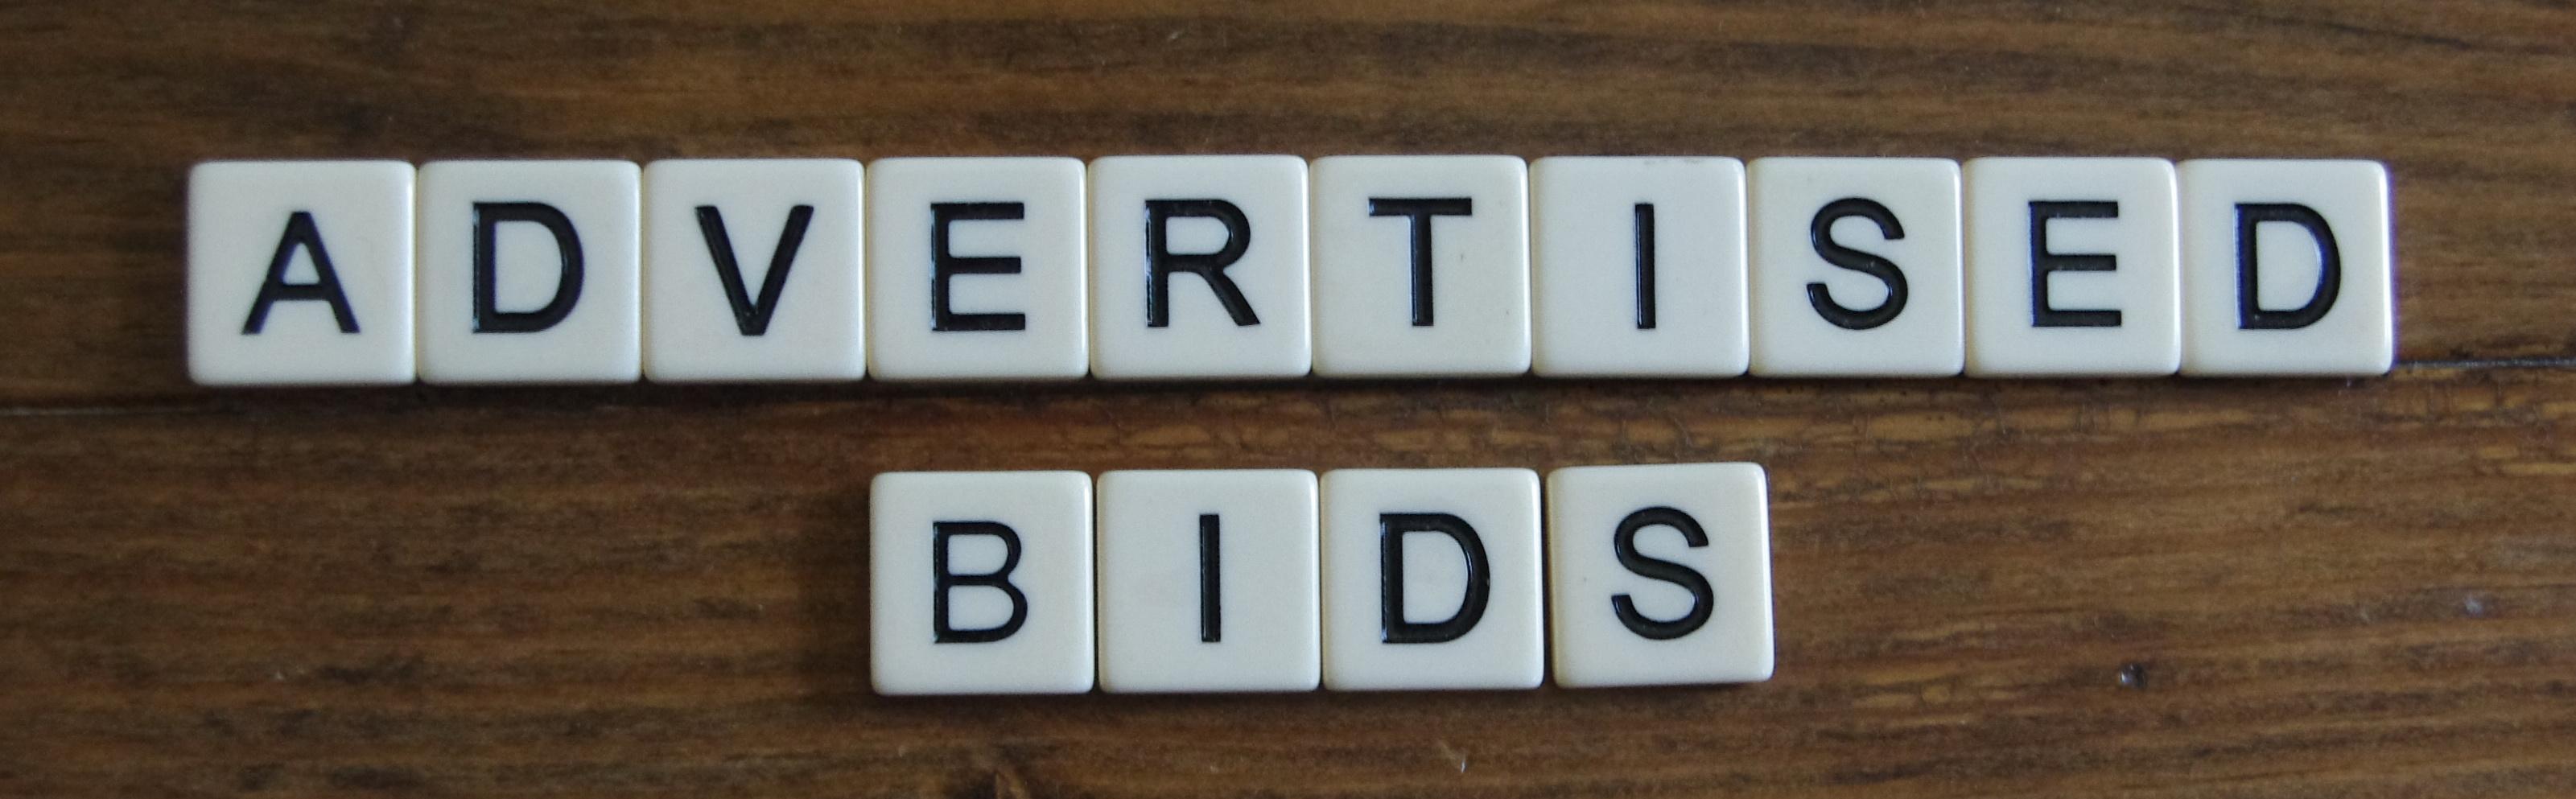 Advertised Bids/RFPs / Advertised Bids and RFPs